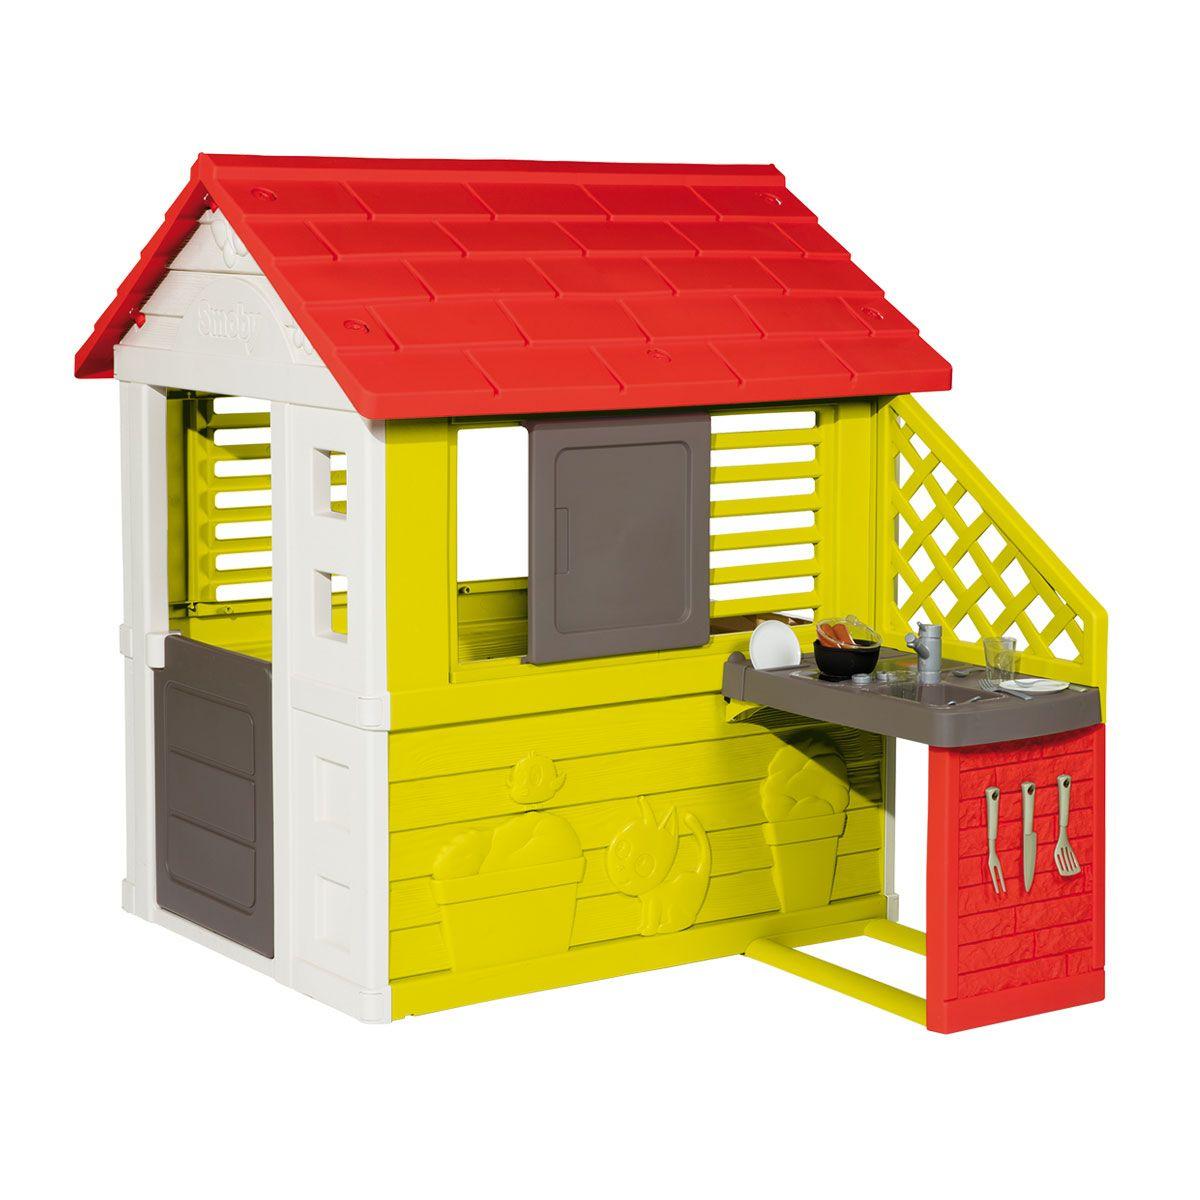 Maison Nature Avec Cuisine D'été Smoby Pour Enfant De 2 Ans ... destiné Maison De Jardin Smoby